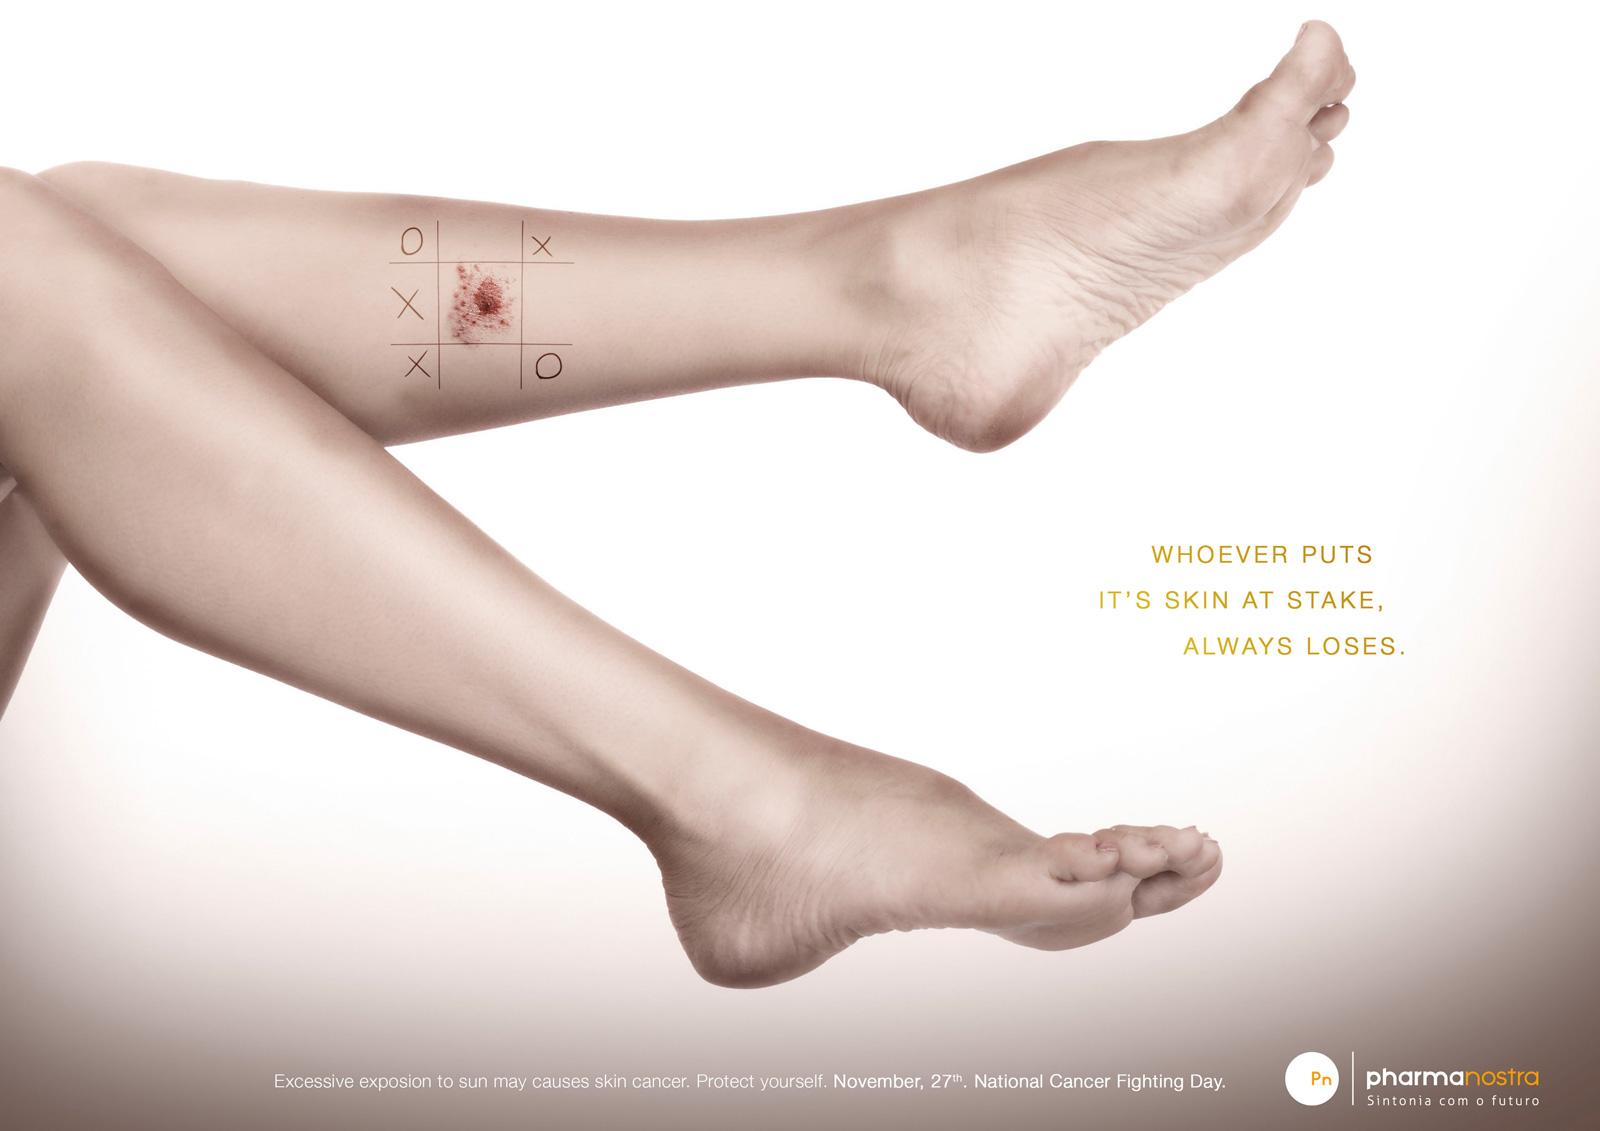 Δωρεάν εξετάσεις για τον καρκίνο του δέρματος.Πού; thumbnail